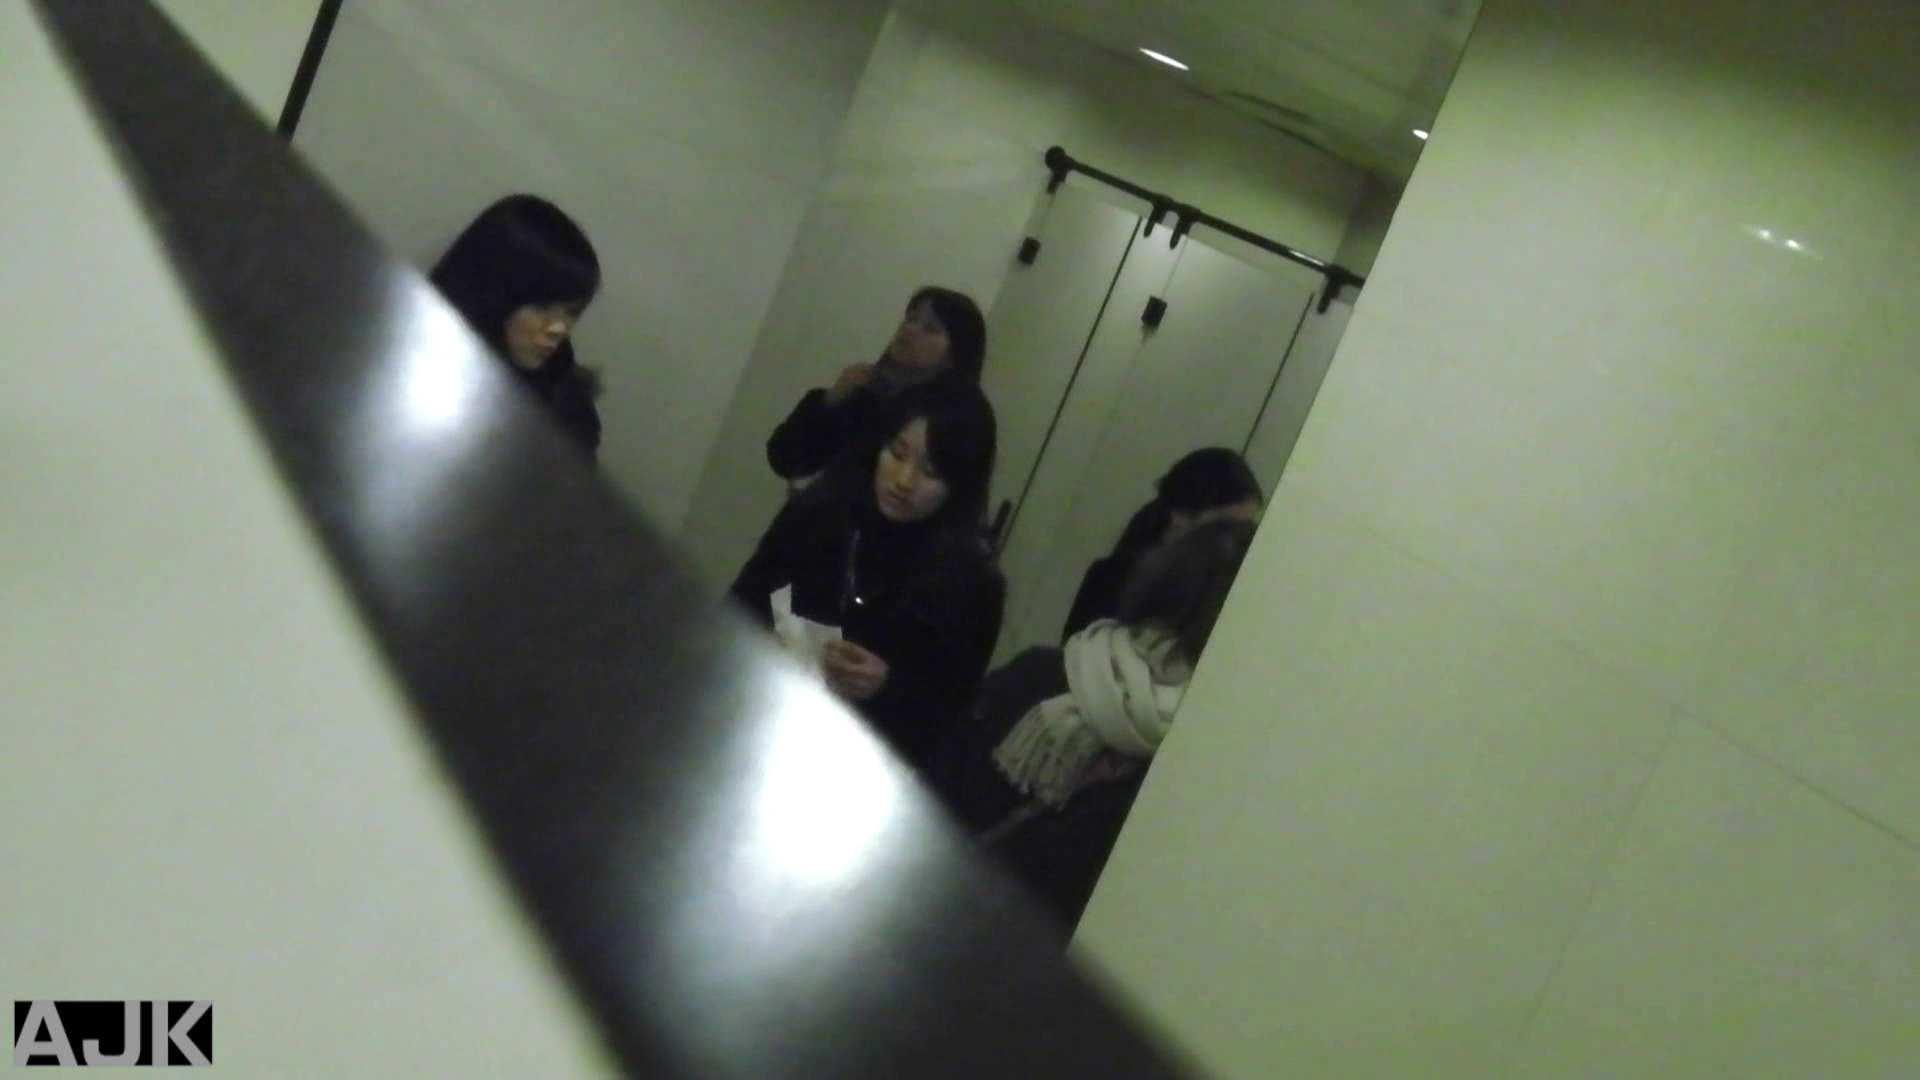 隣国上階級エリアの令嬢たちが集うデパートお手洗い Vol.20 お手洗い  89pic 52